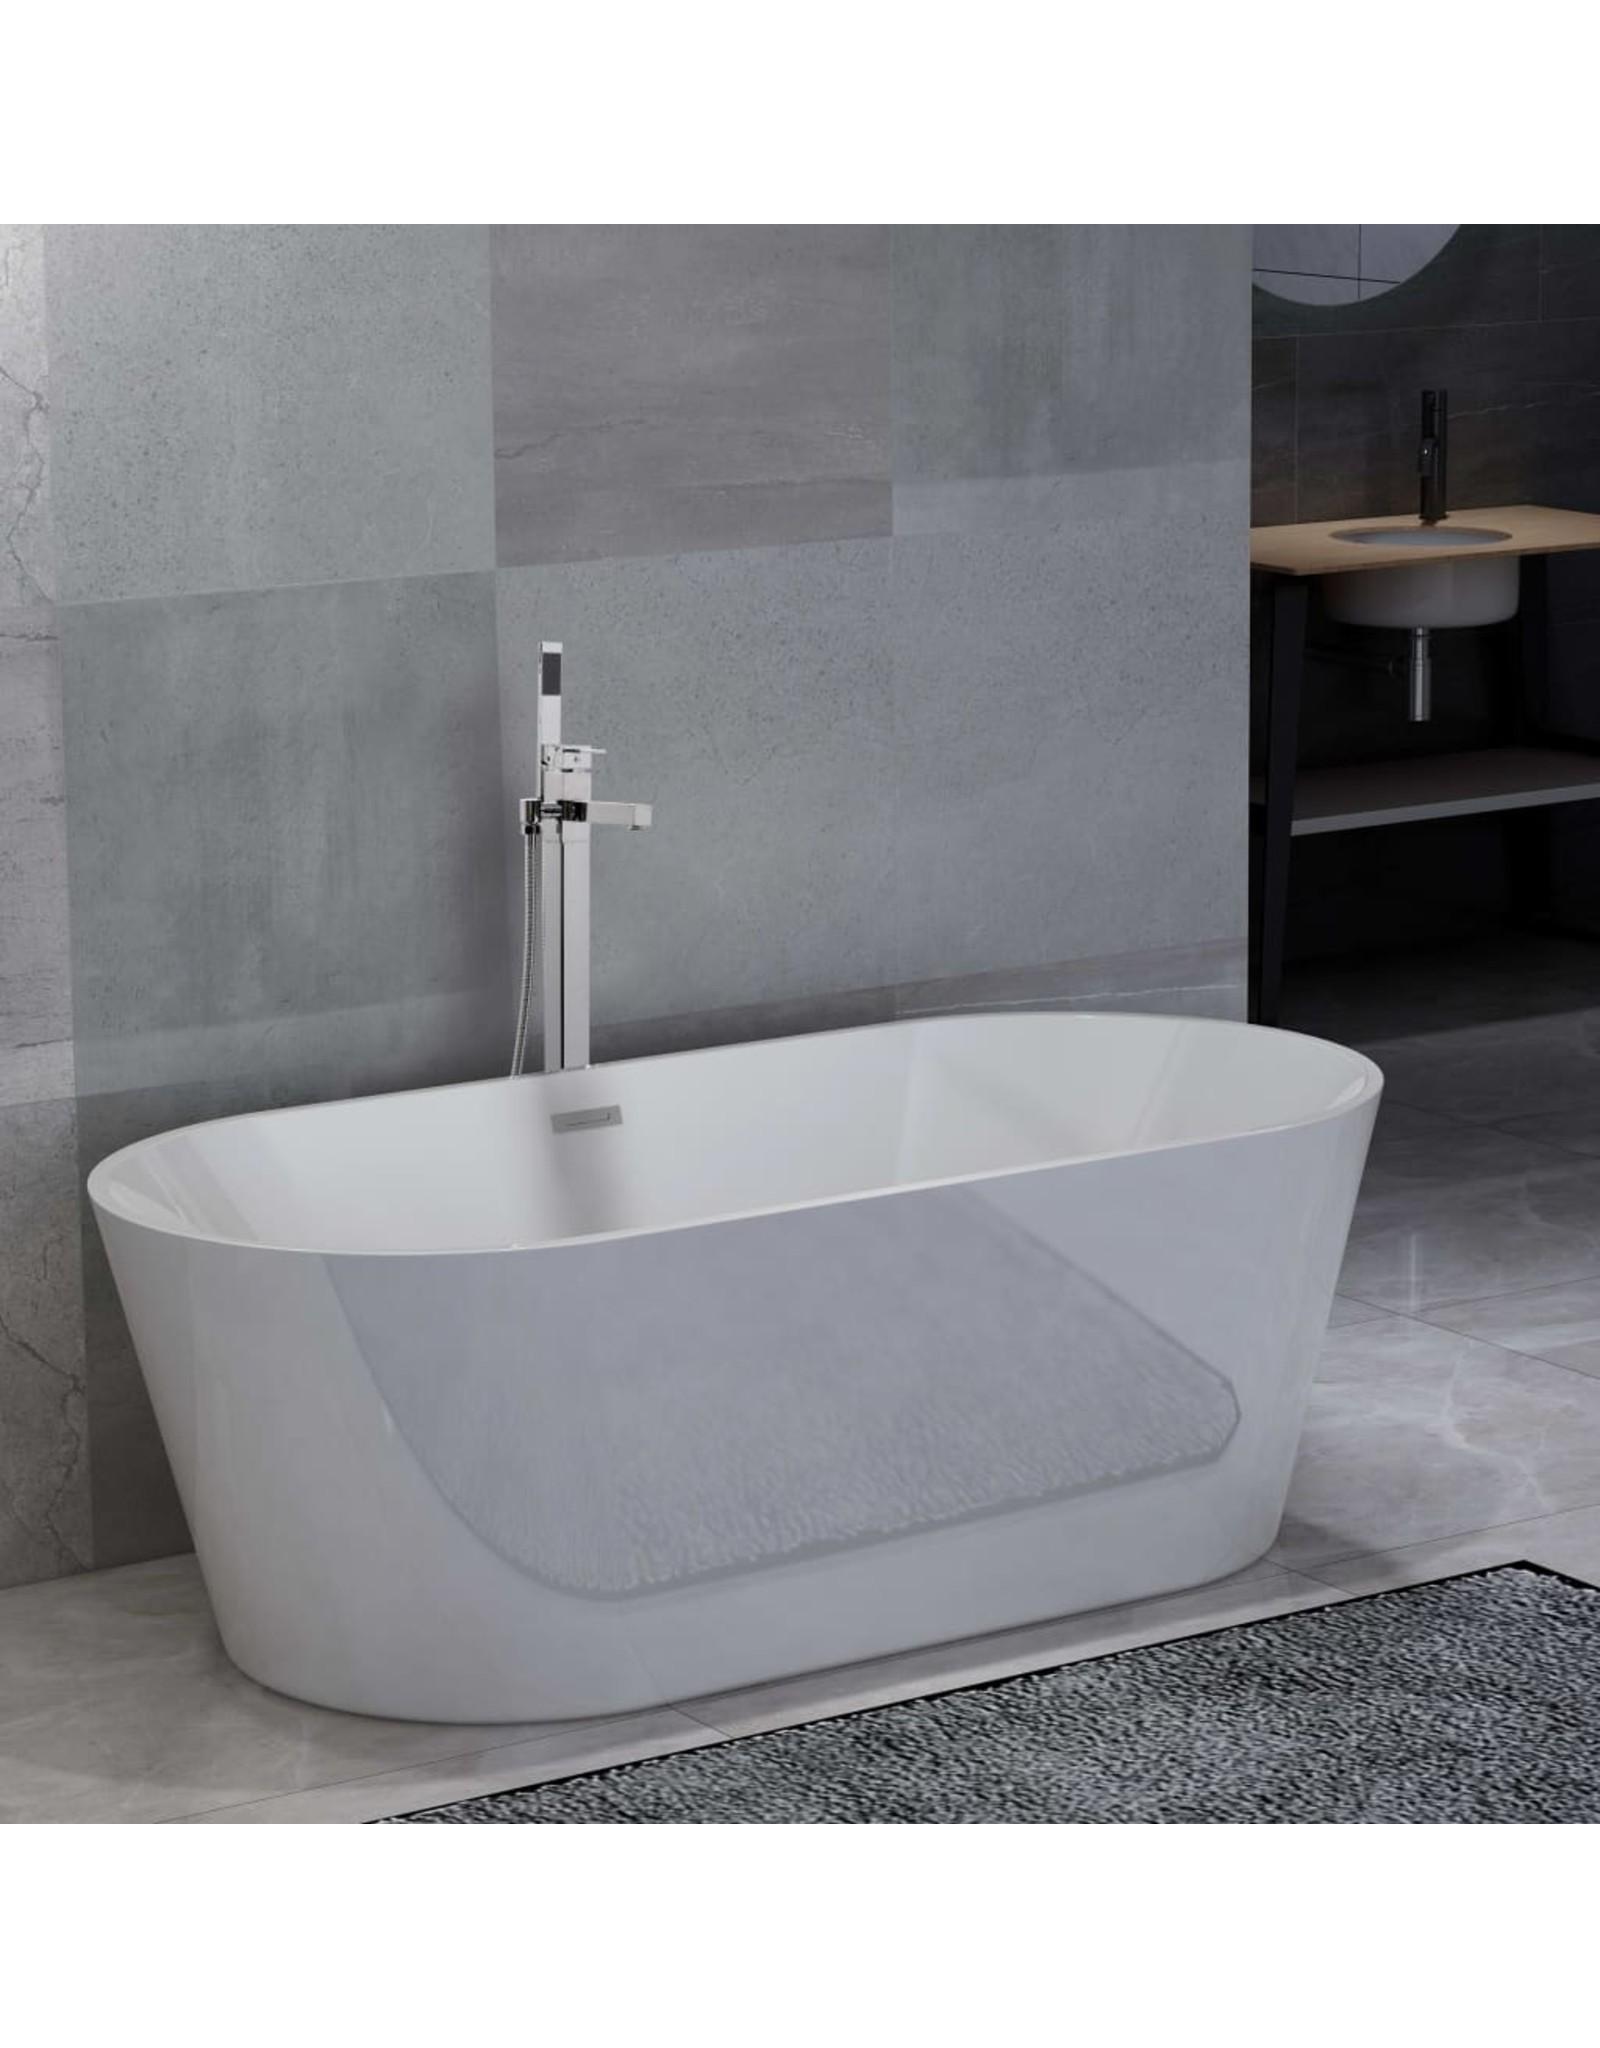 Badkuip vrijstaand met kraan 220 L 110 cm zilverkleurig